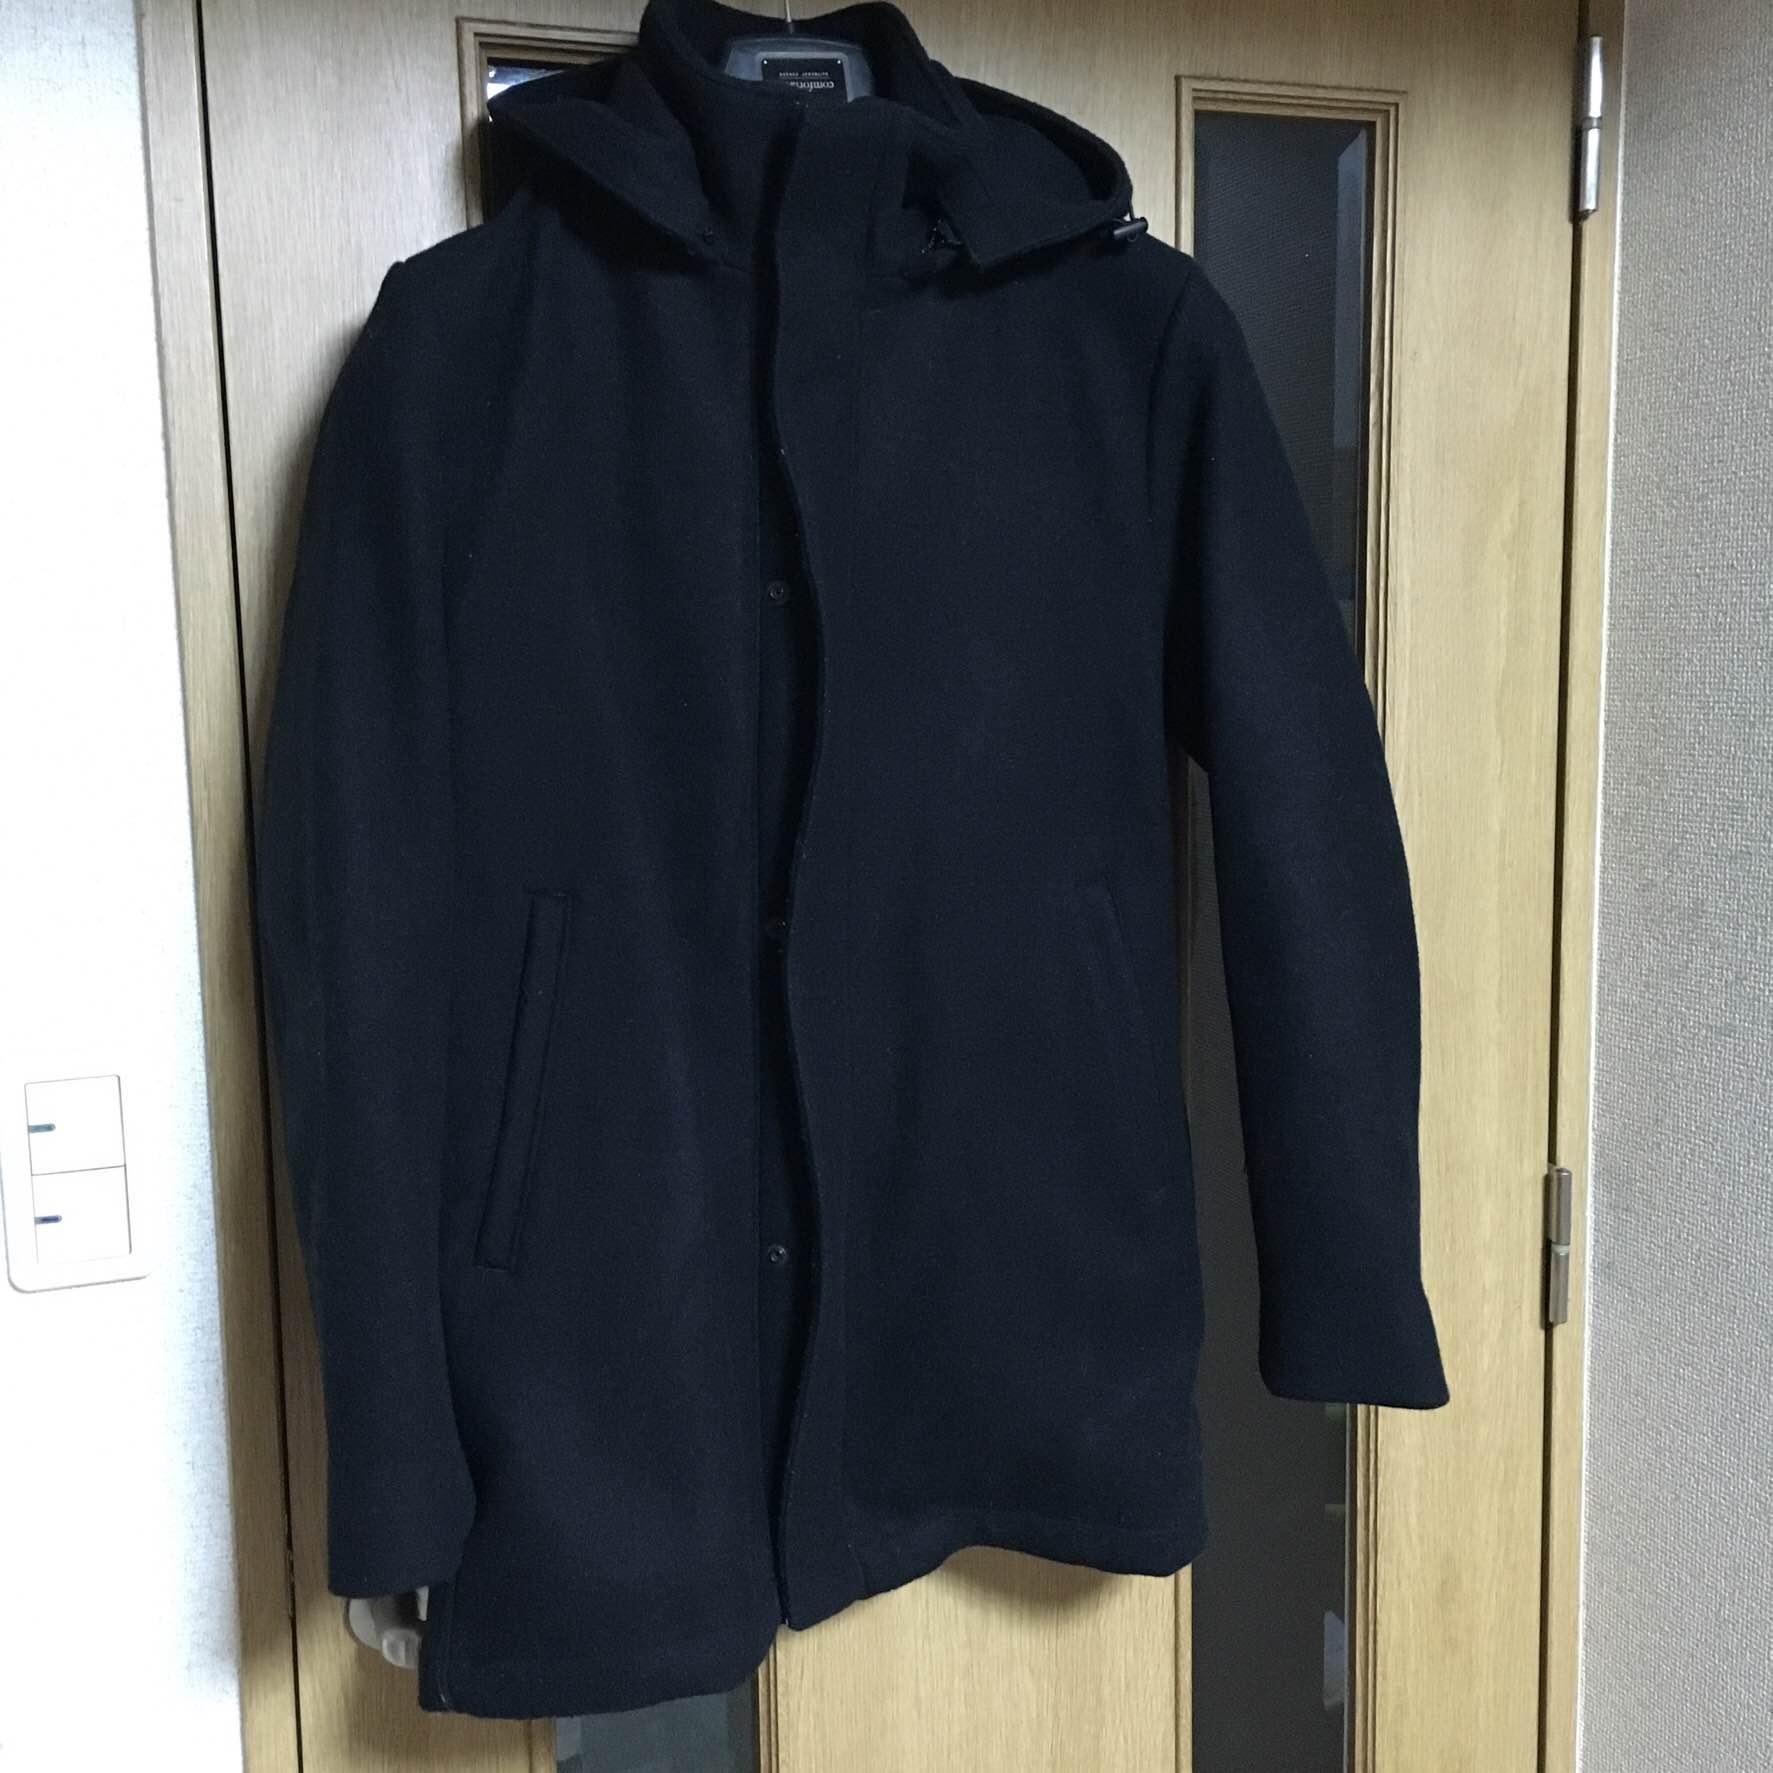 無印良品 フード付き ウール メルトンコート 黒 S サイズ 美中古 良品計画